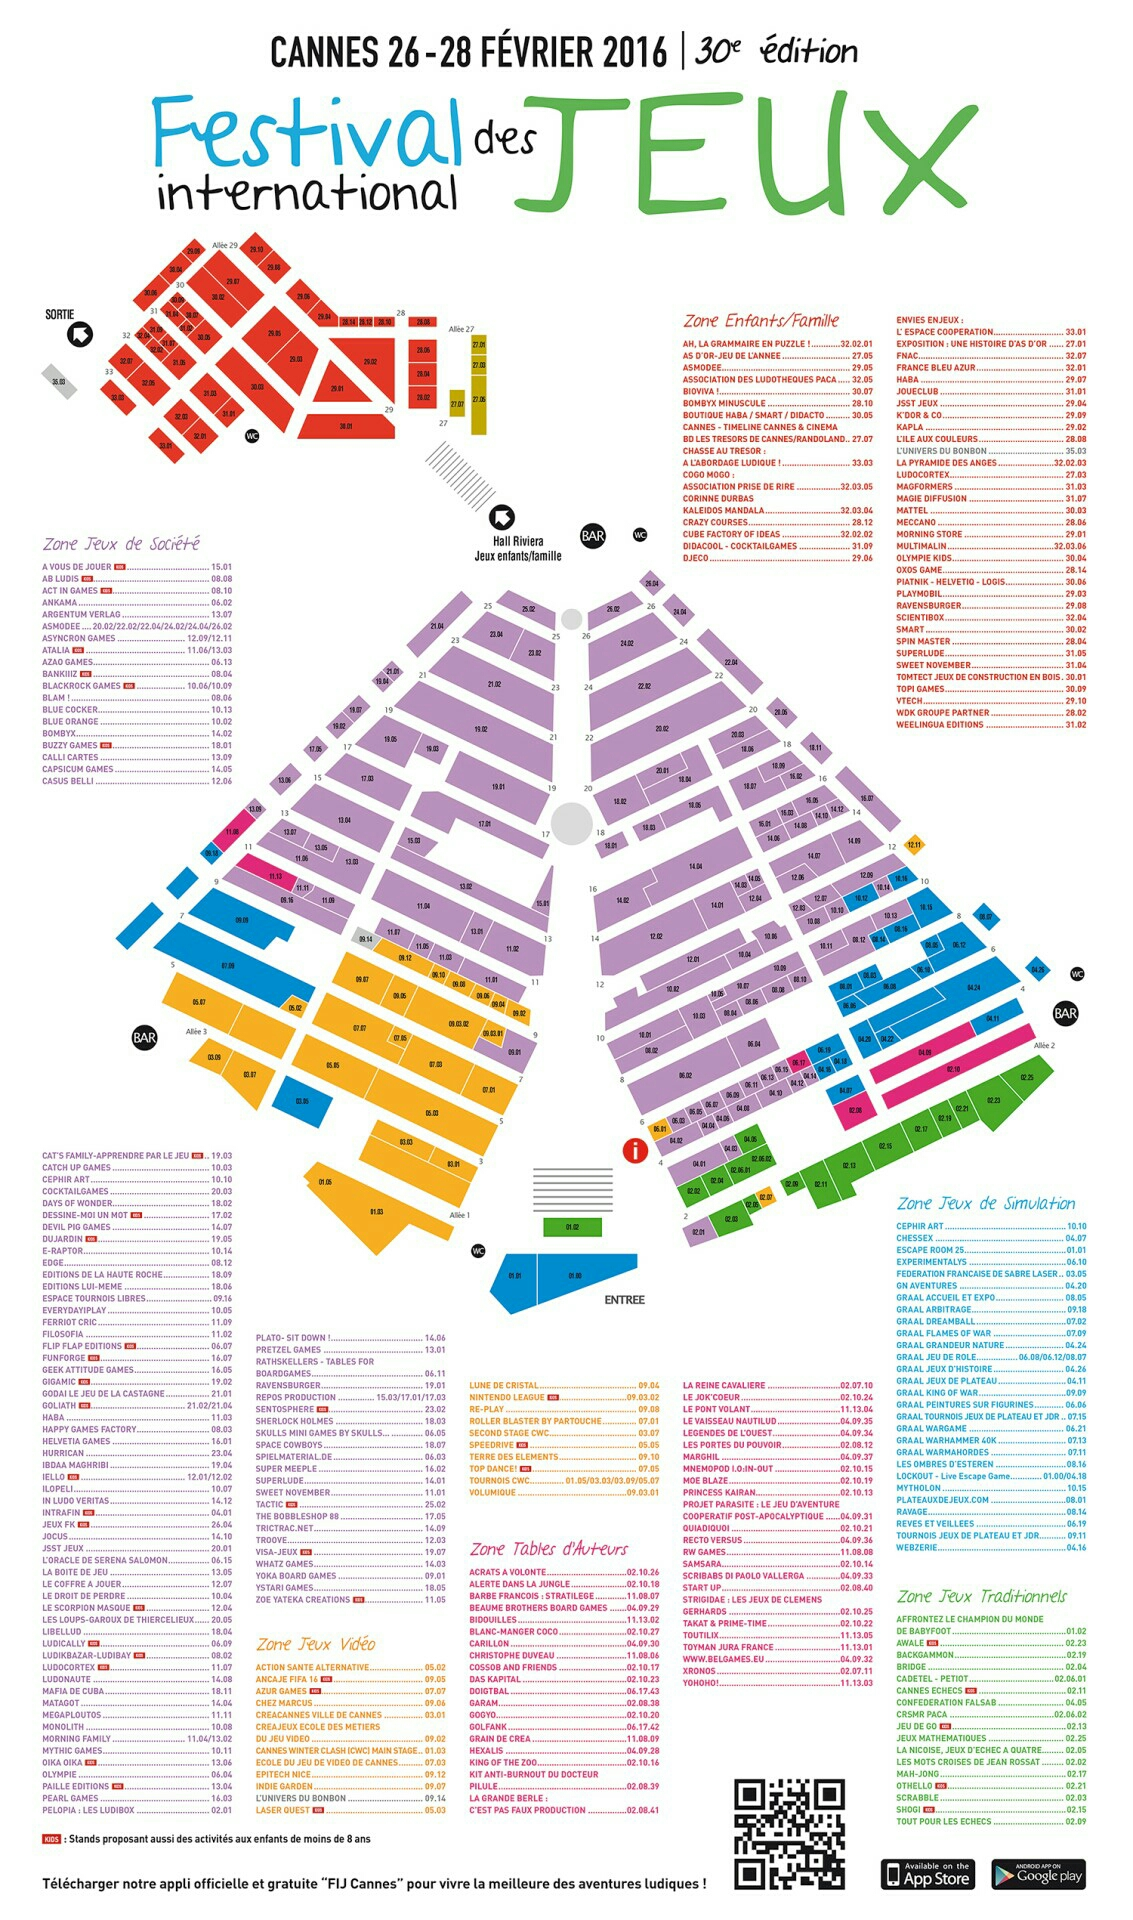 Le plan du festival de Cannes